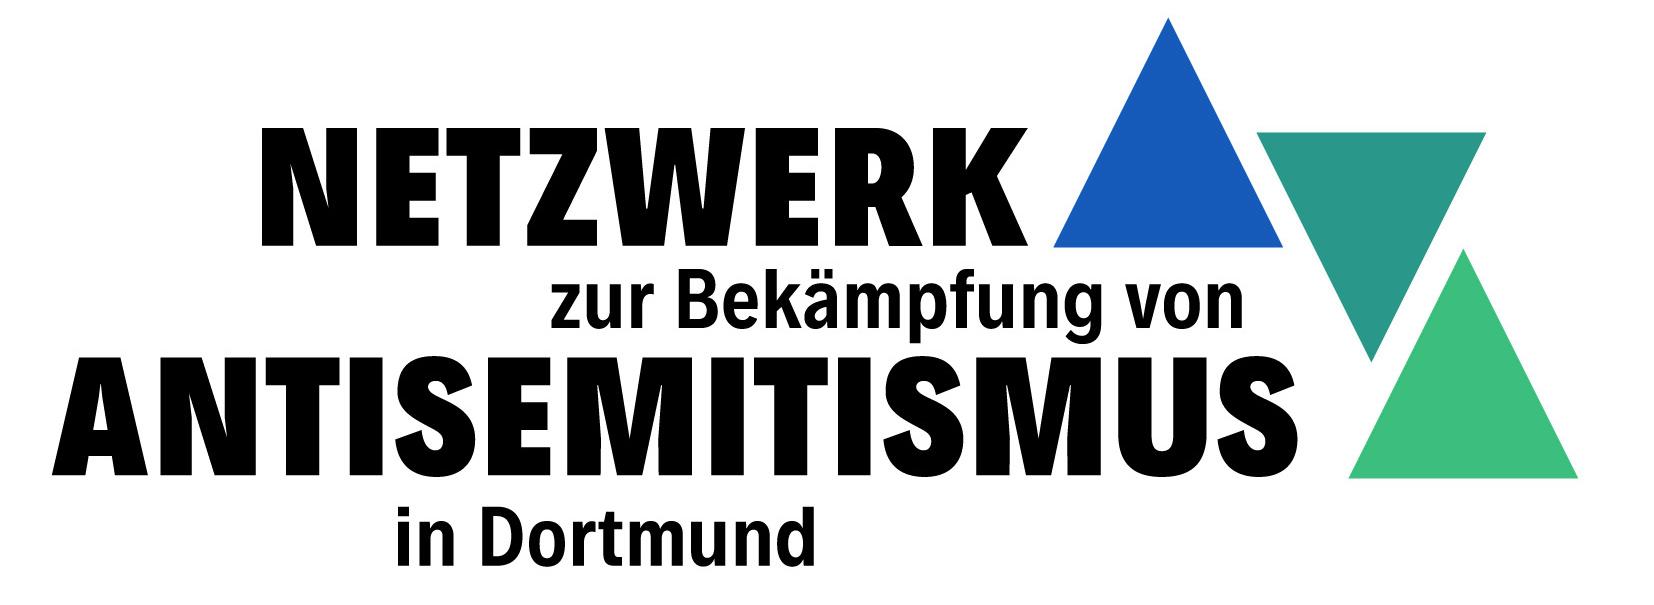 Grundsatzerklärung des Netzwerks zur Bekämpfung von Antisemitismus in Dortmund